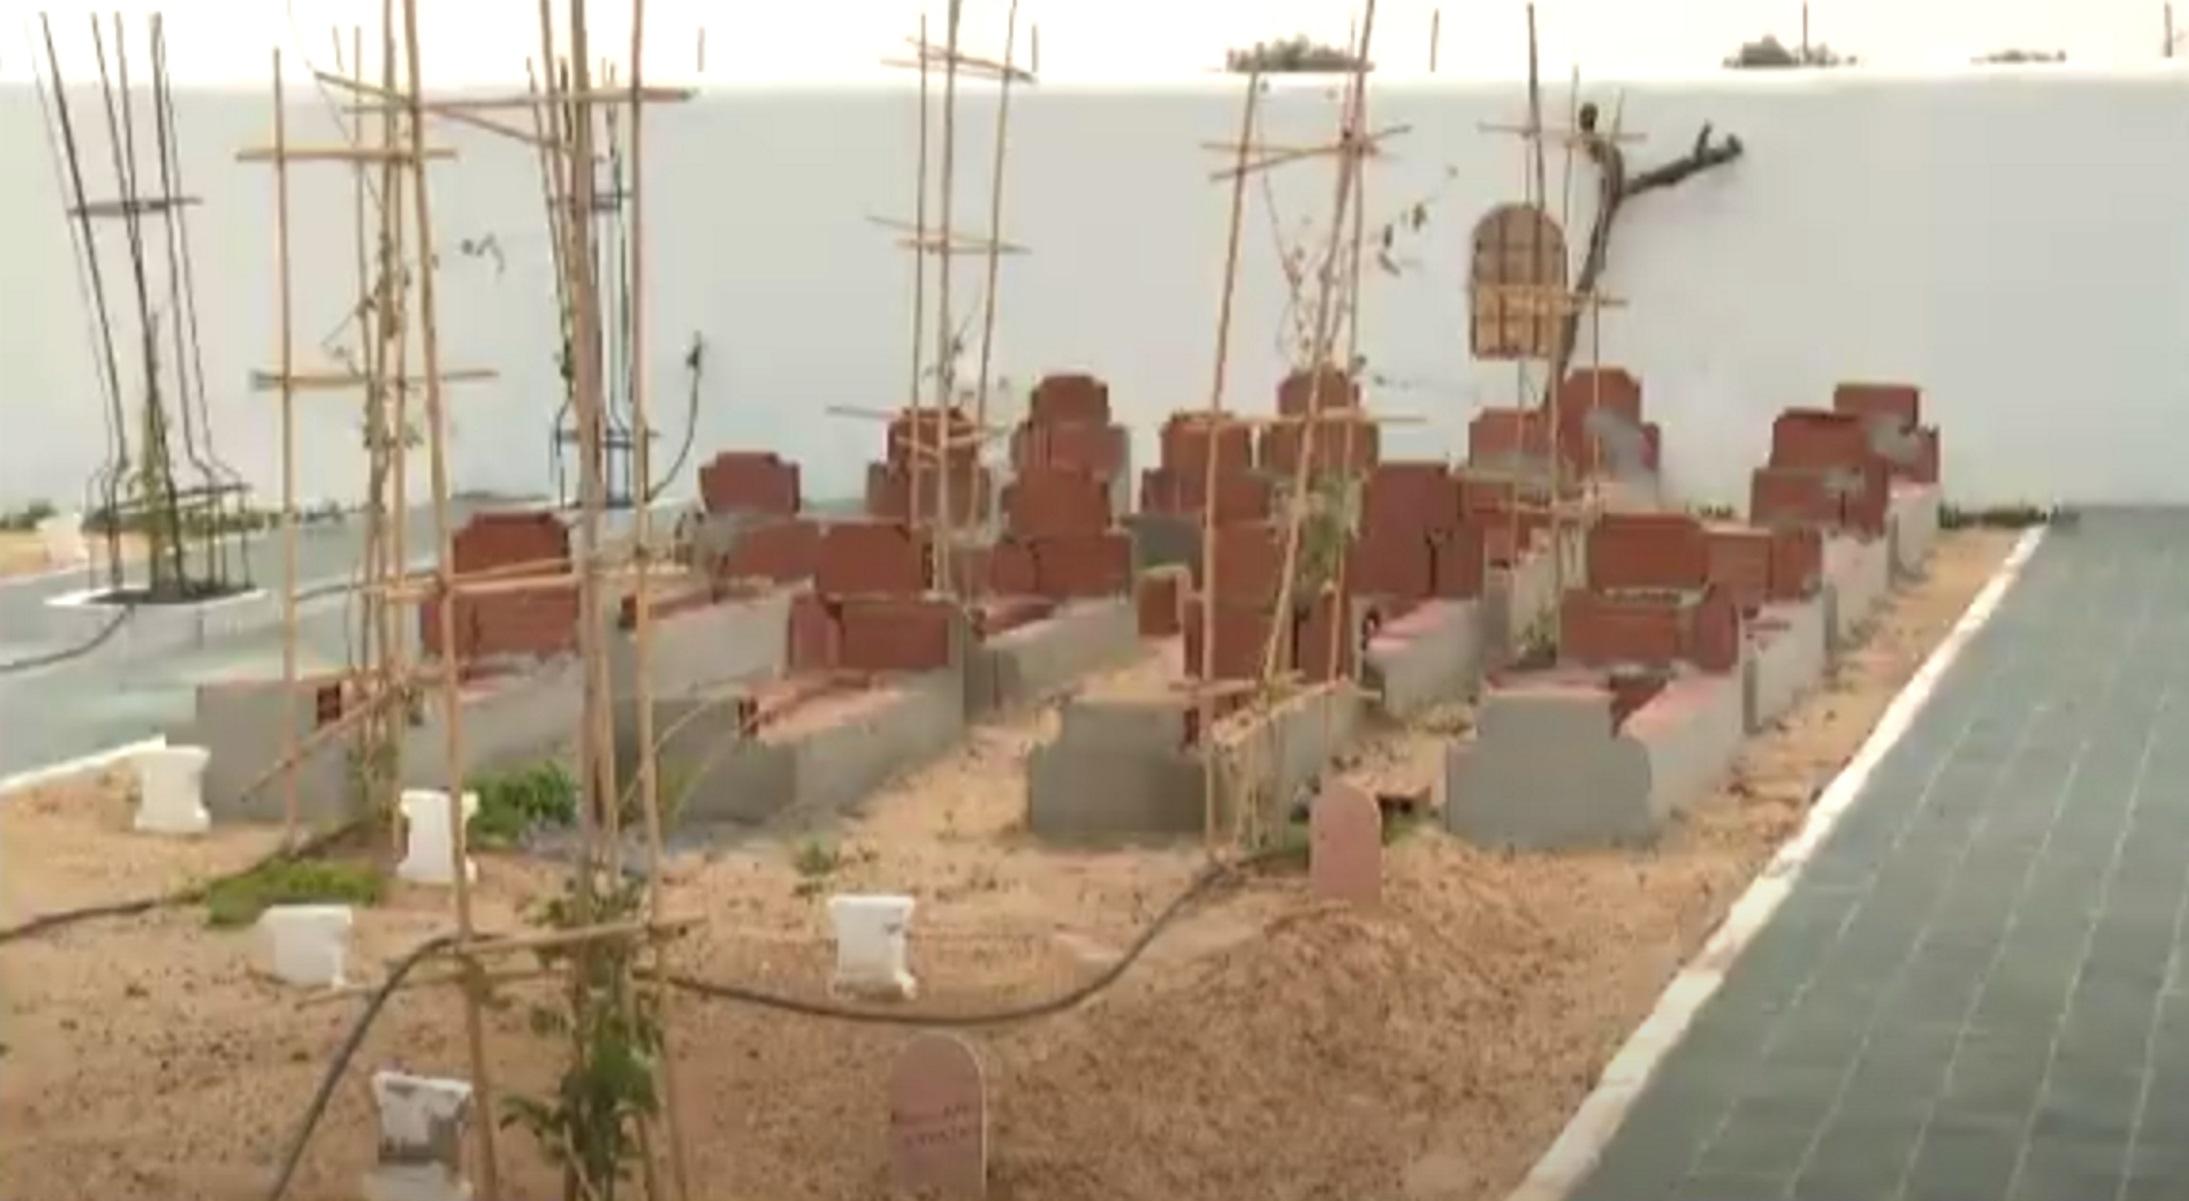 Τυνησία: Της θάλασσας οι κολασμένοι – Νεκροταφείο κήπος για τους μετανάστες (video)